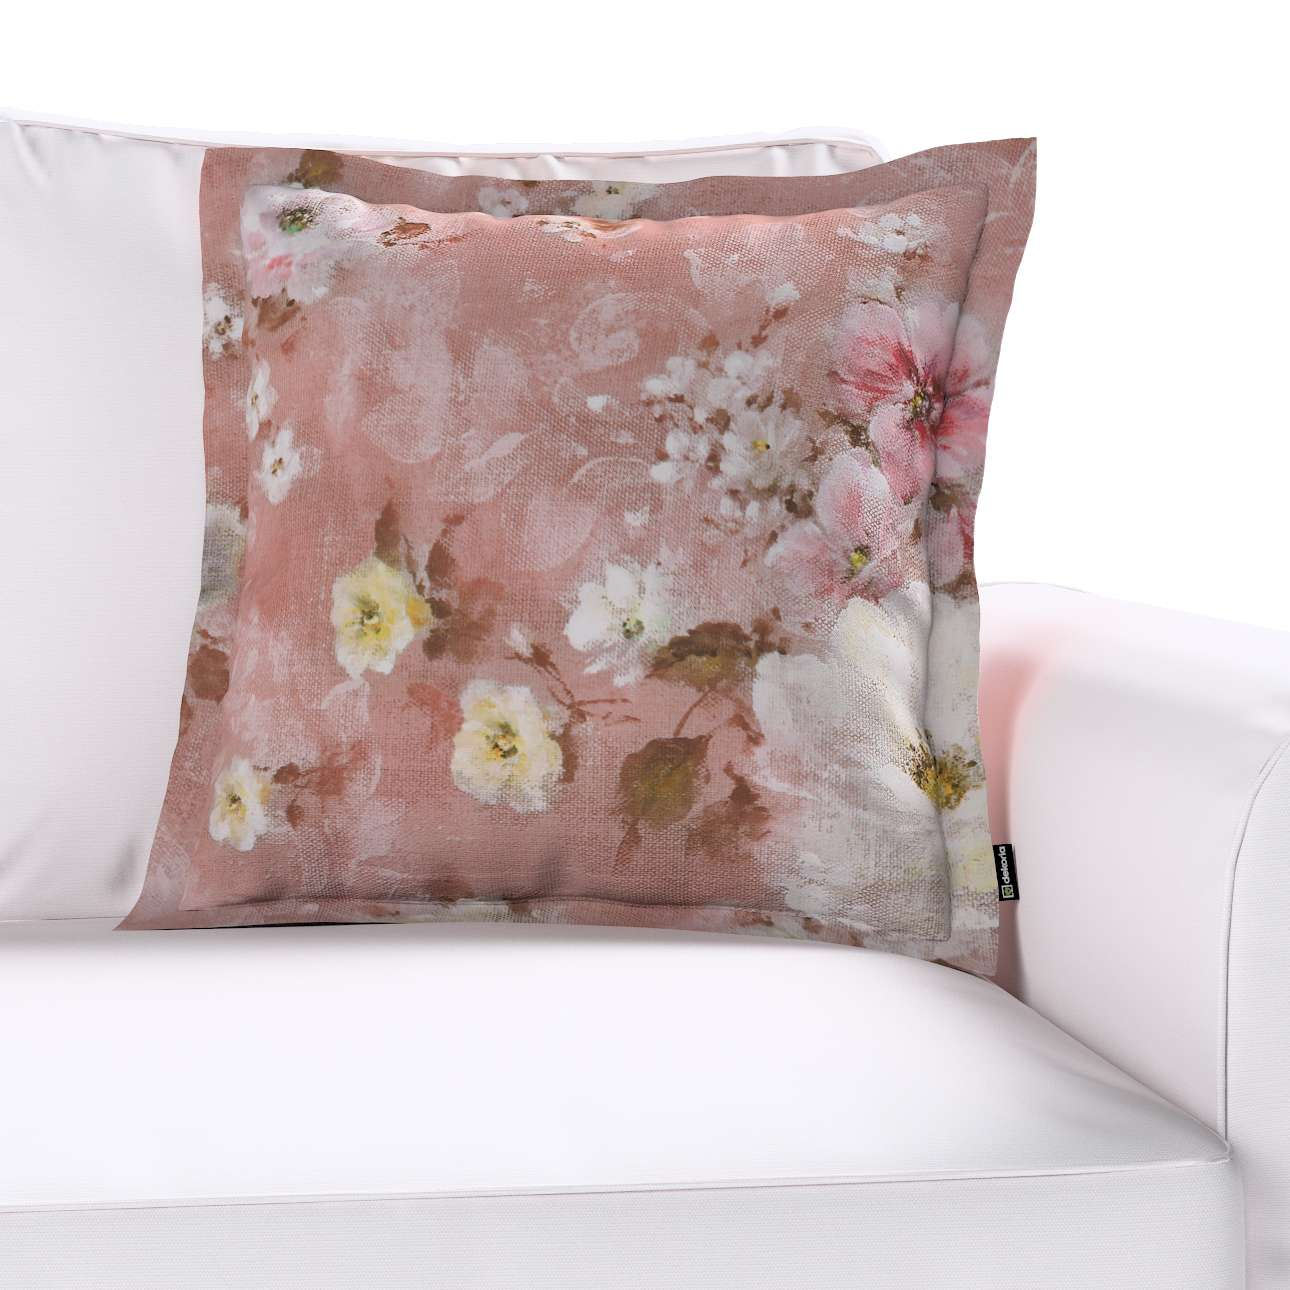 Poszewka Mona na poduszkę w kolekcji Monet, tkanina: 137-83